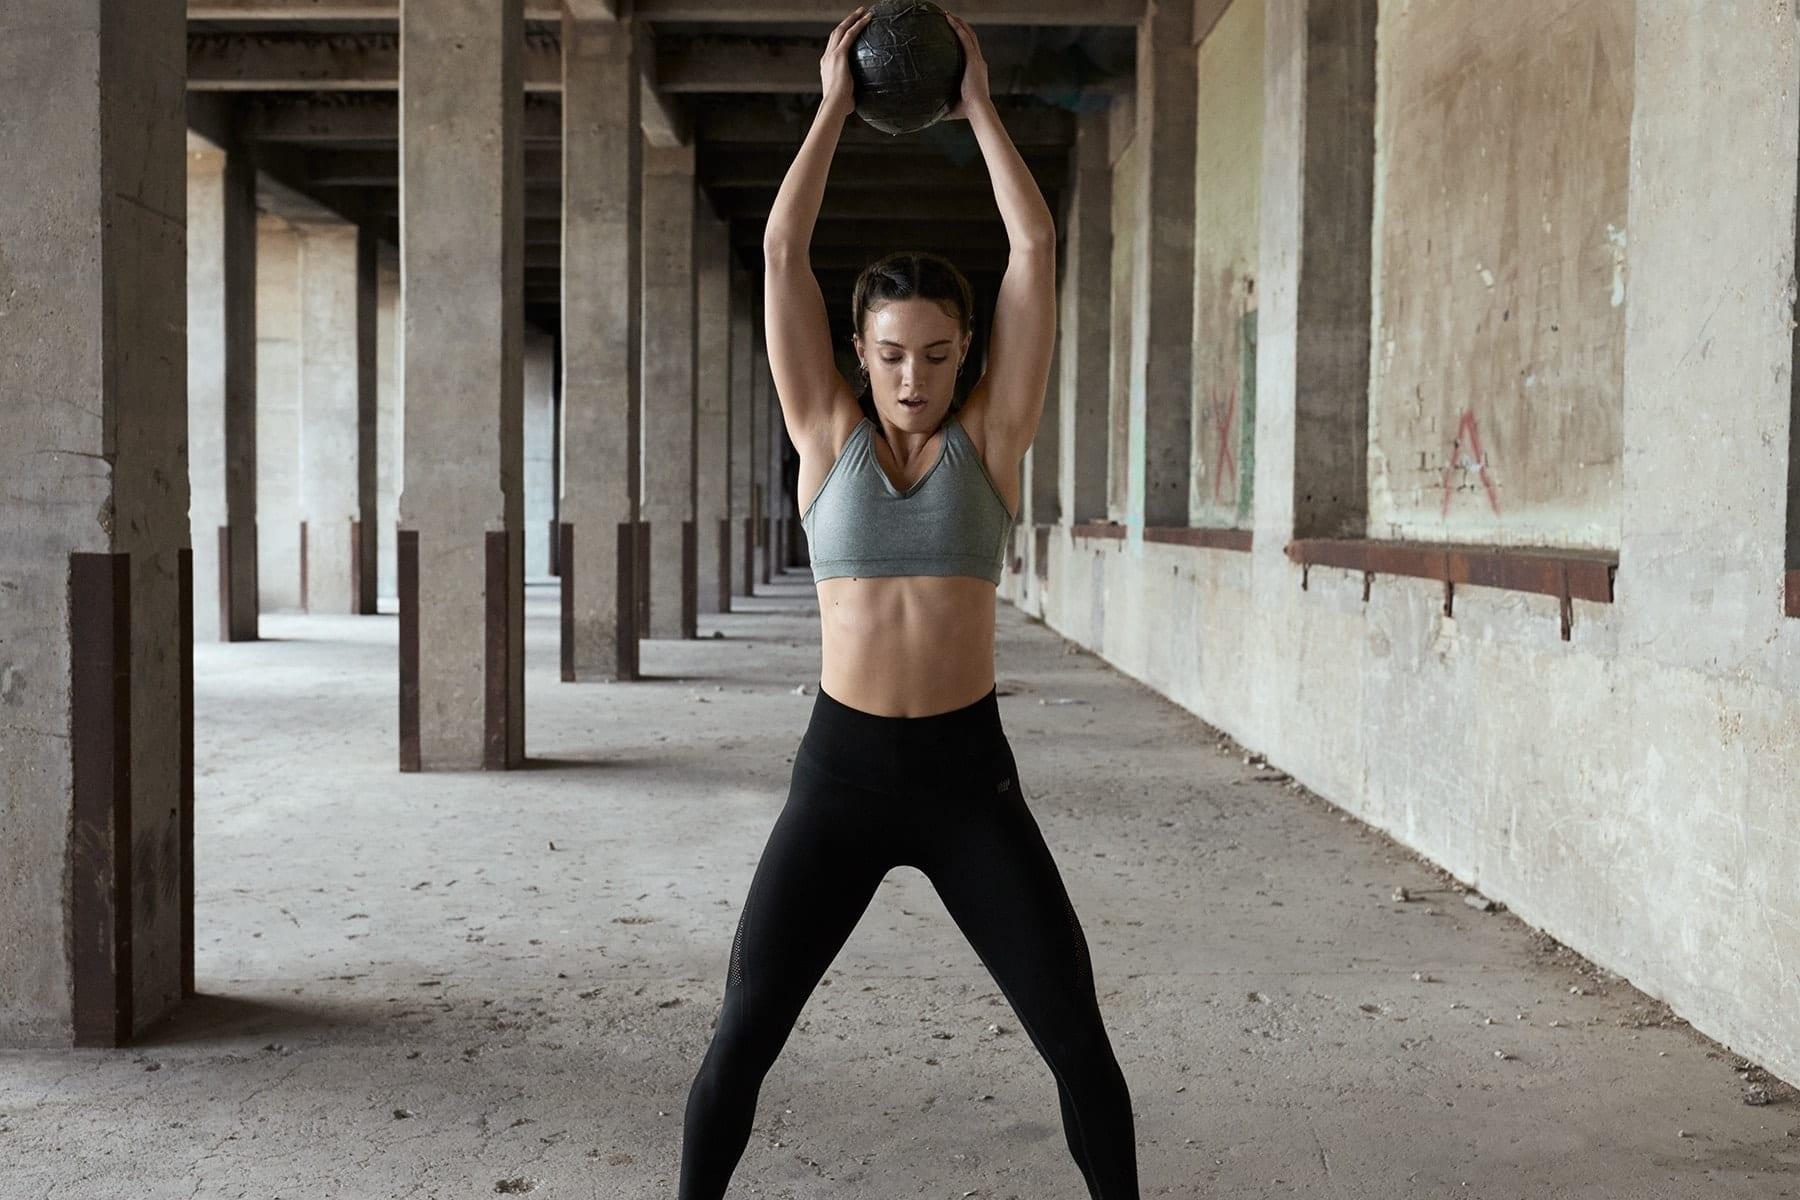 Cómo perder peso | Dieta saludable y ejercicios